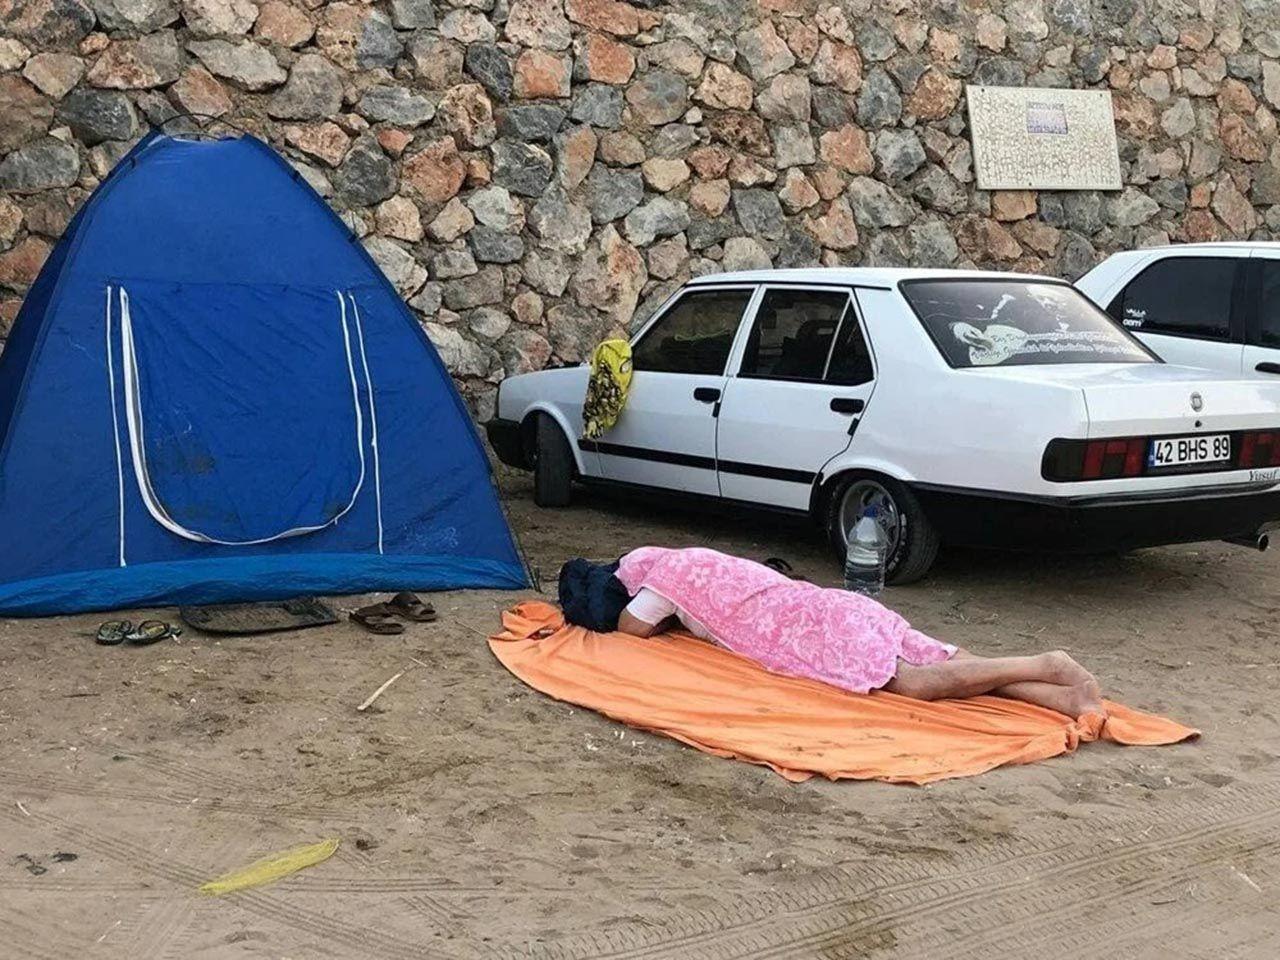 Kalacak yer bulamadılar... Her sokak başı yerde yatan bir tatilci var - Resim: 2